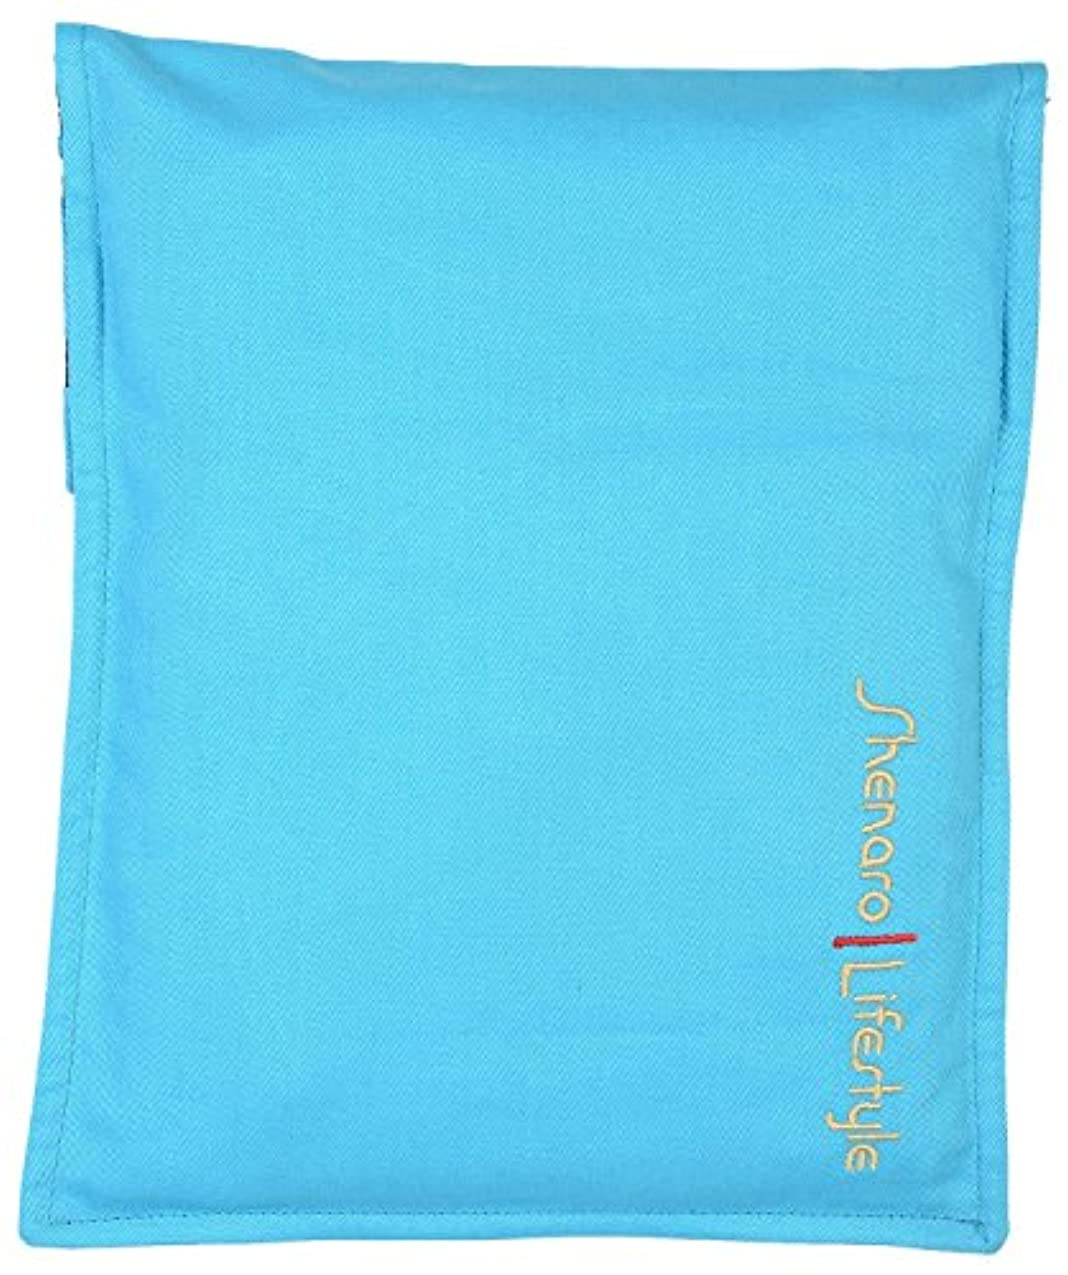 膿瘍ヘリコプター絶望的なShenaro Lifestyle's: Cotton Organic and Eco-Friendly Pain Relief Wheat Bag with Treated Whole Grains and Aroma...